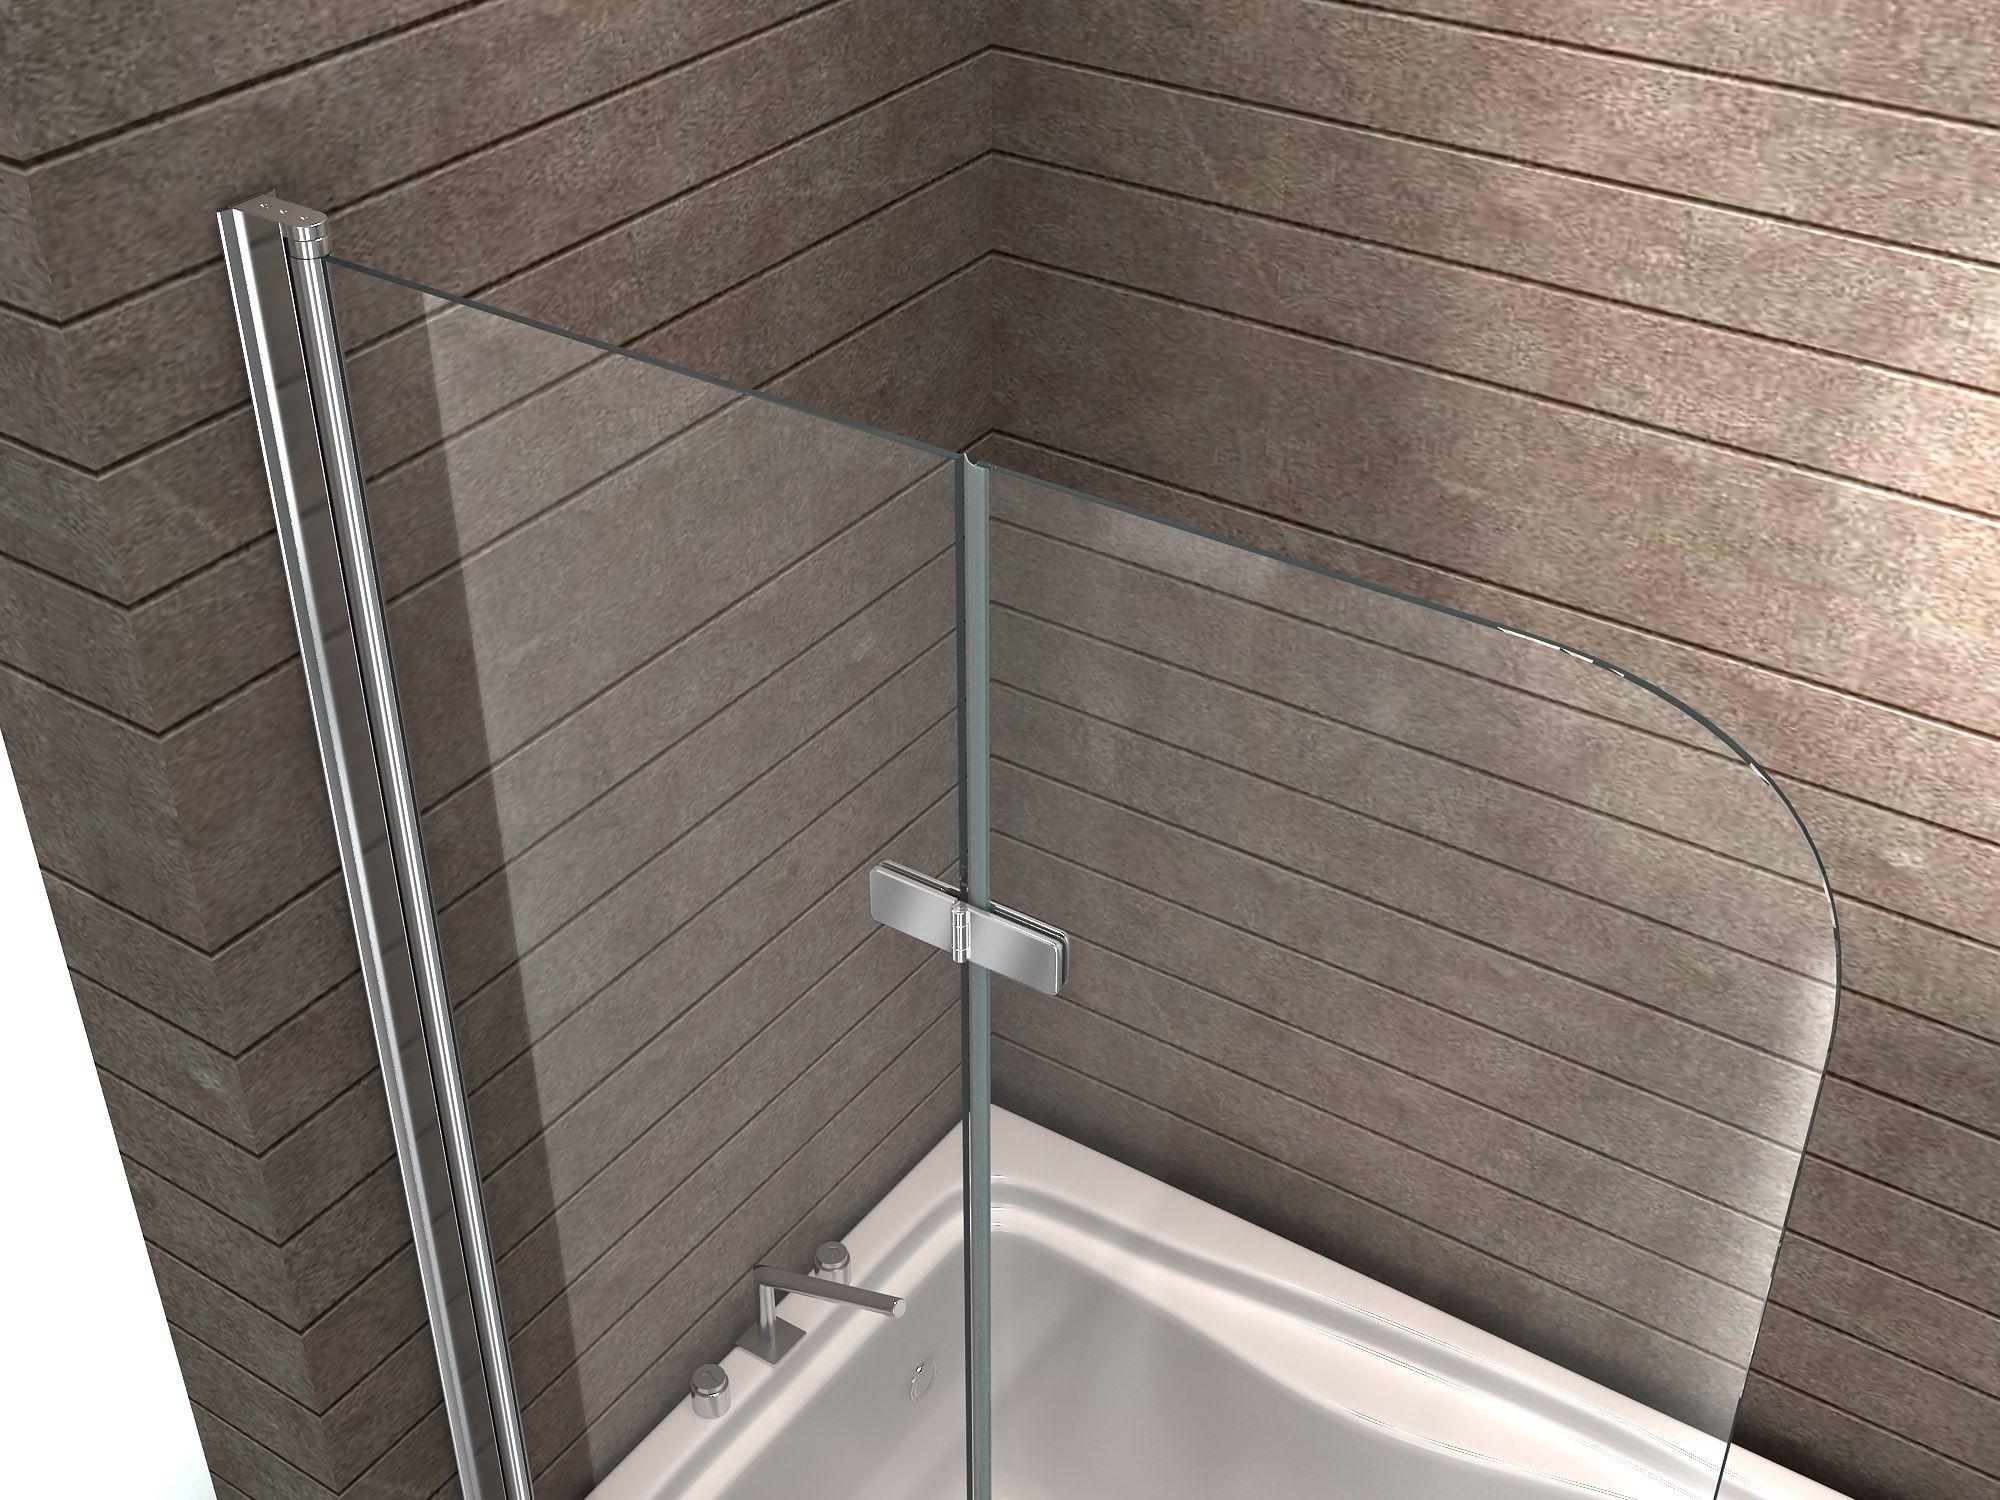 Duschtrennwand brease 120 x 140 badewanne glasdeals - Paroi de douche sur mesure castorama ...